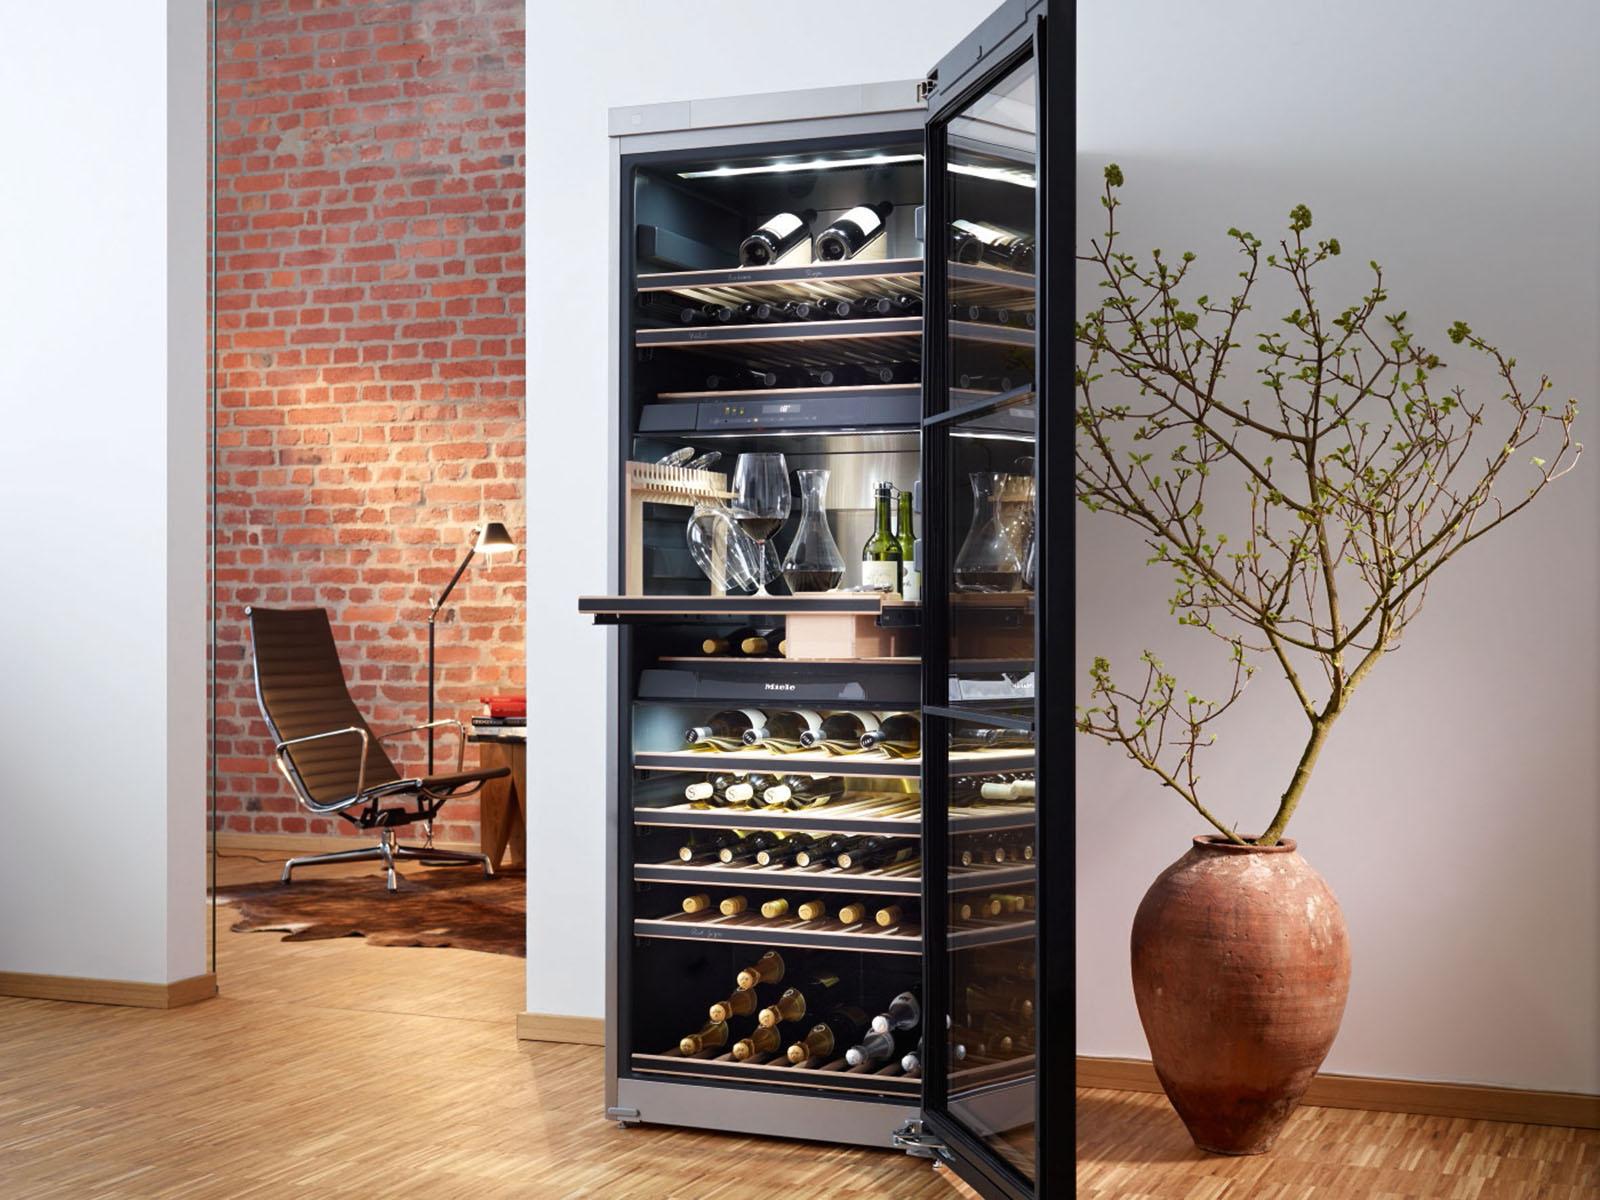 Migliori cantinette vino per la casa classifica e consigli for Design personalizzato per la casa